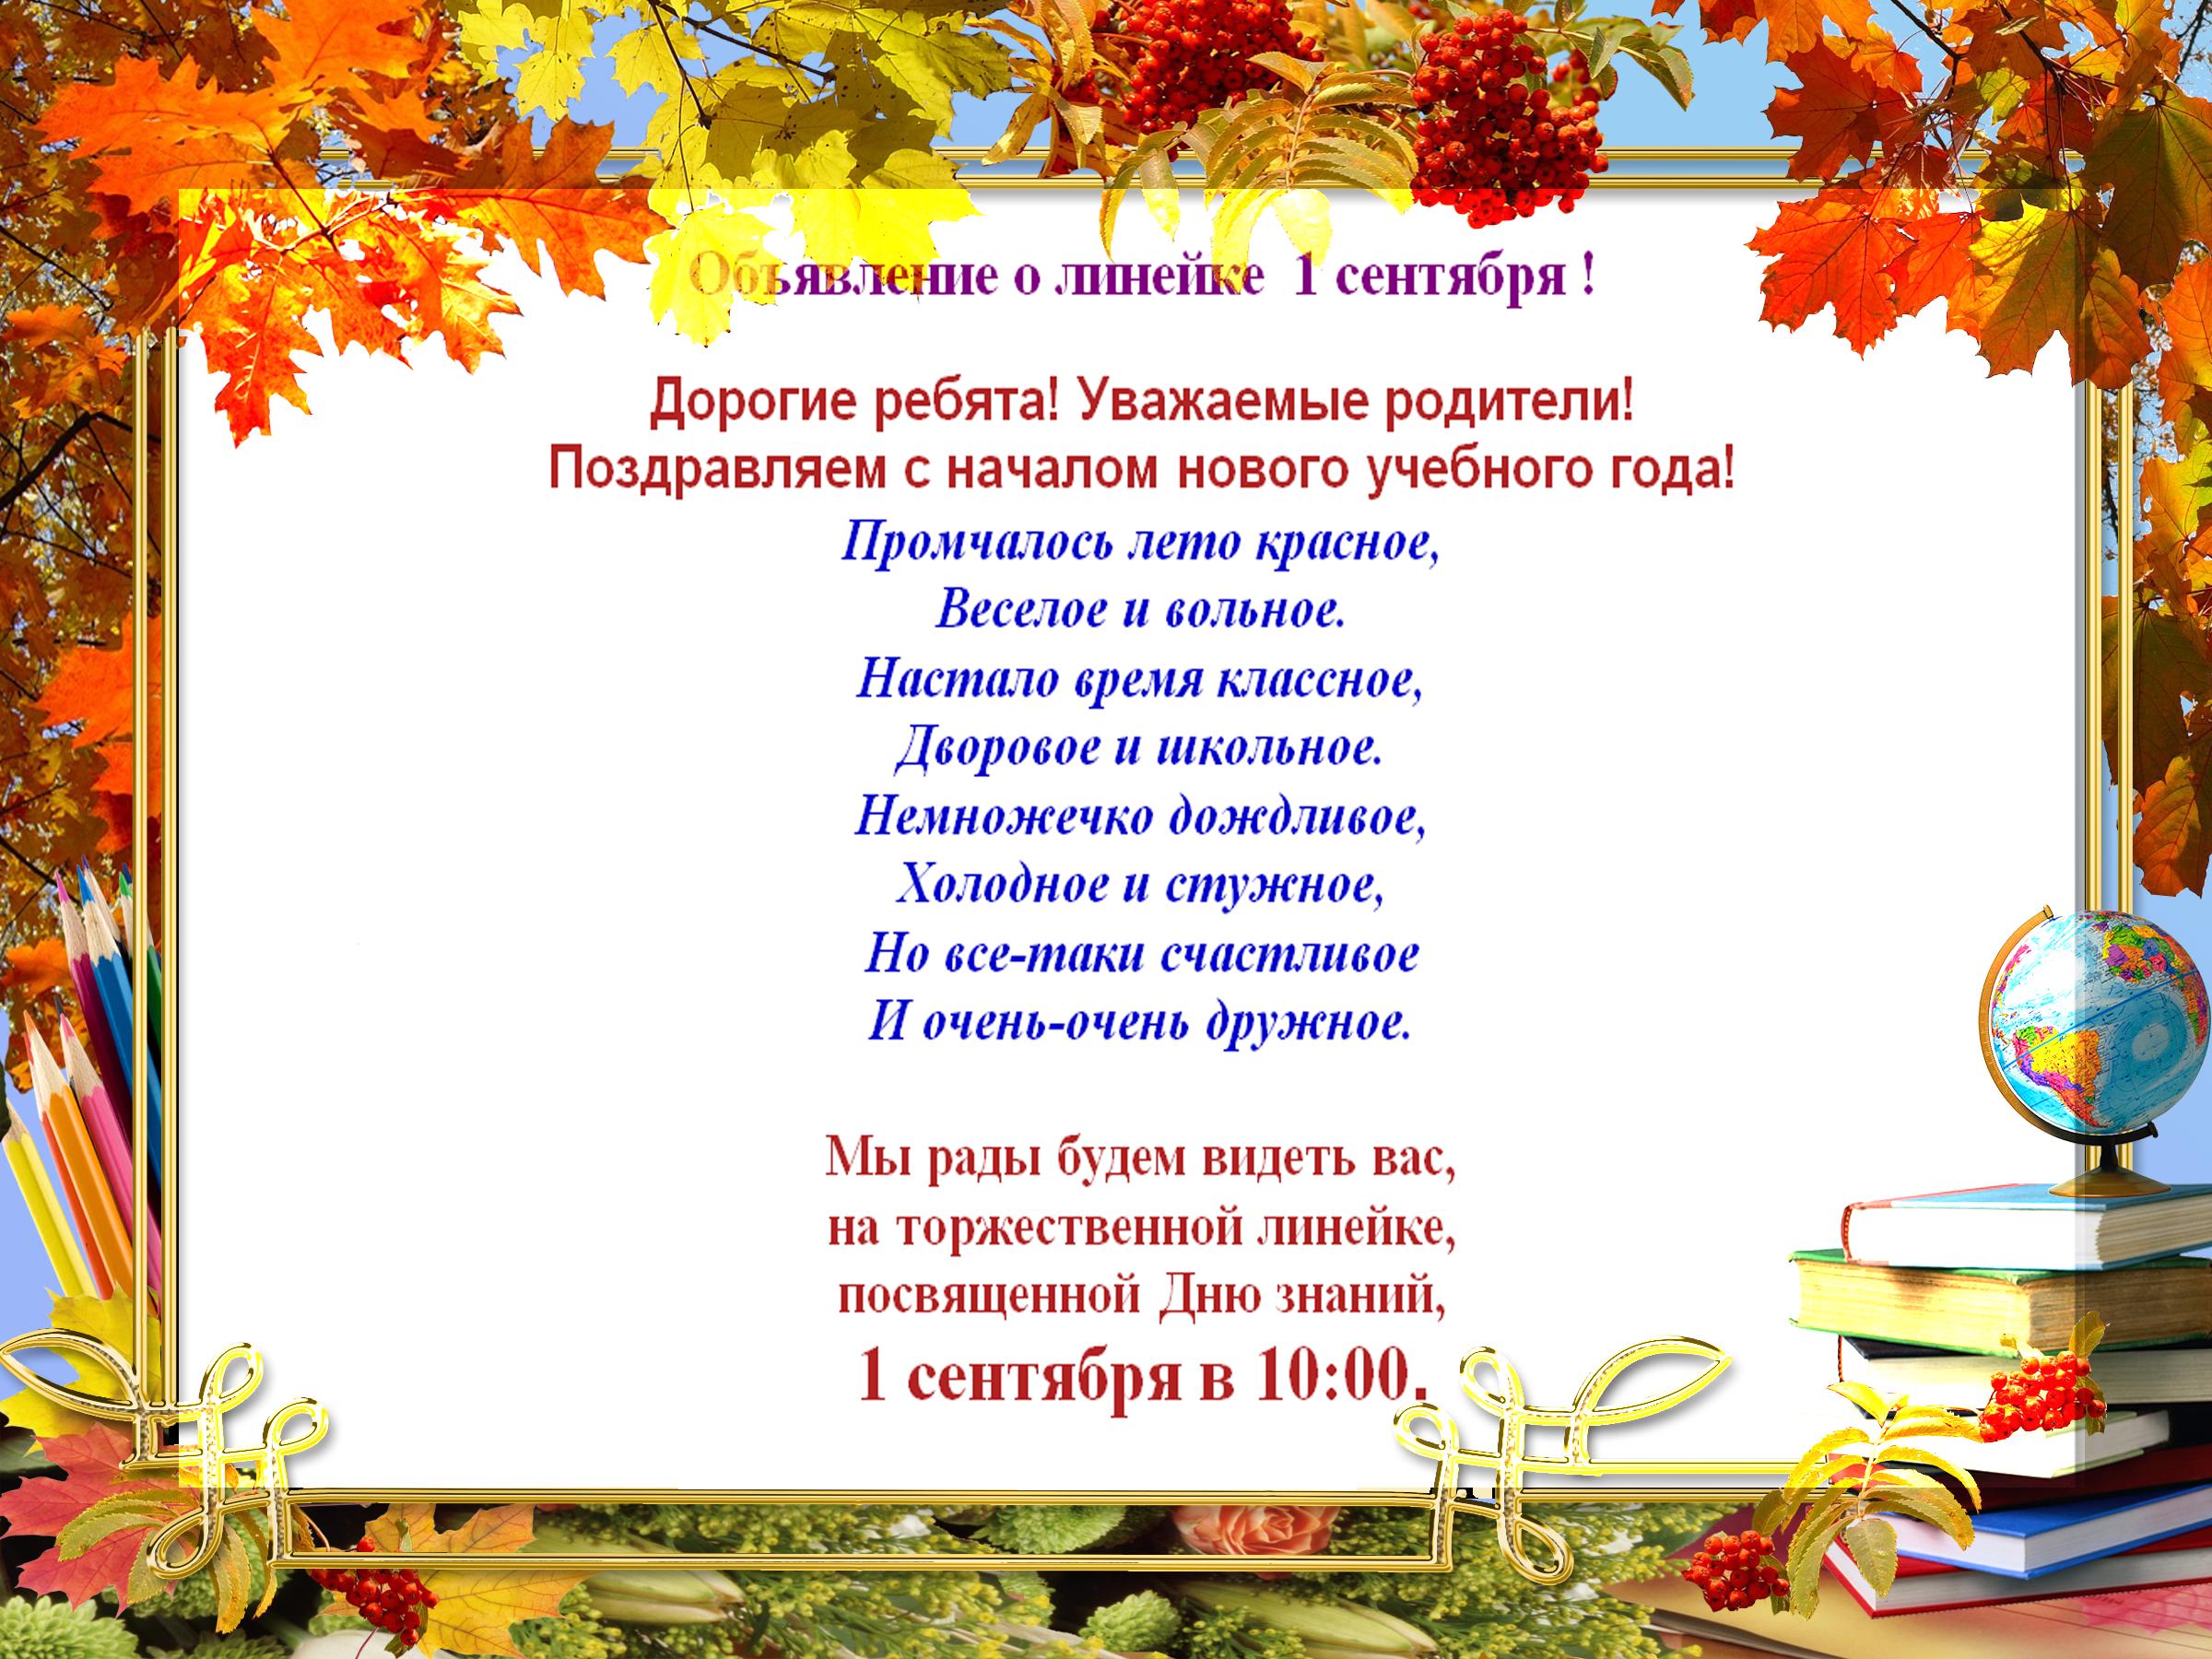 МАОУ СОШ 135, г. Пермь 99